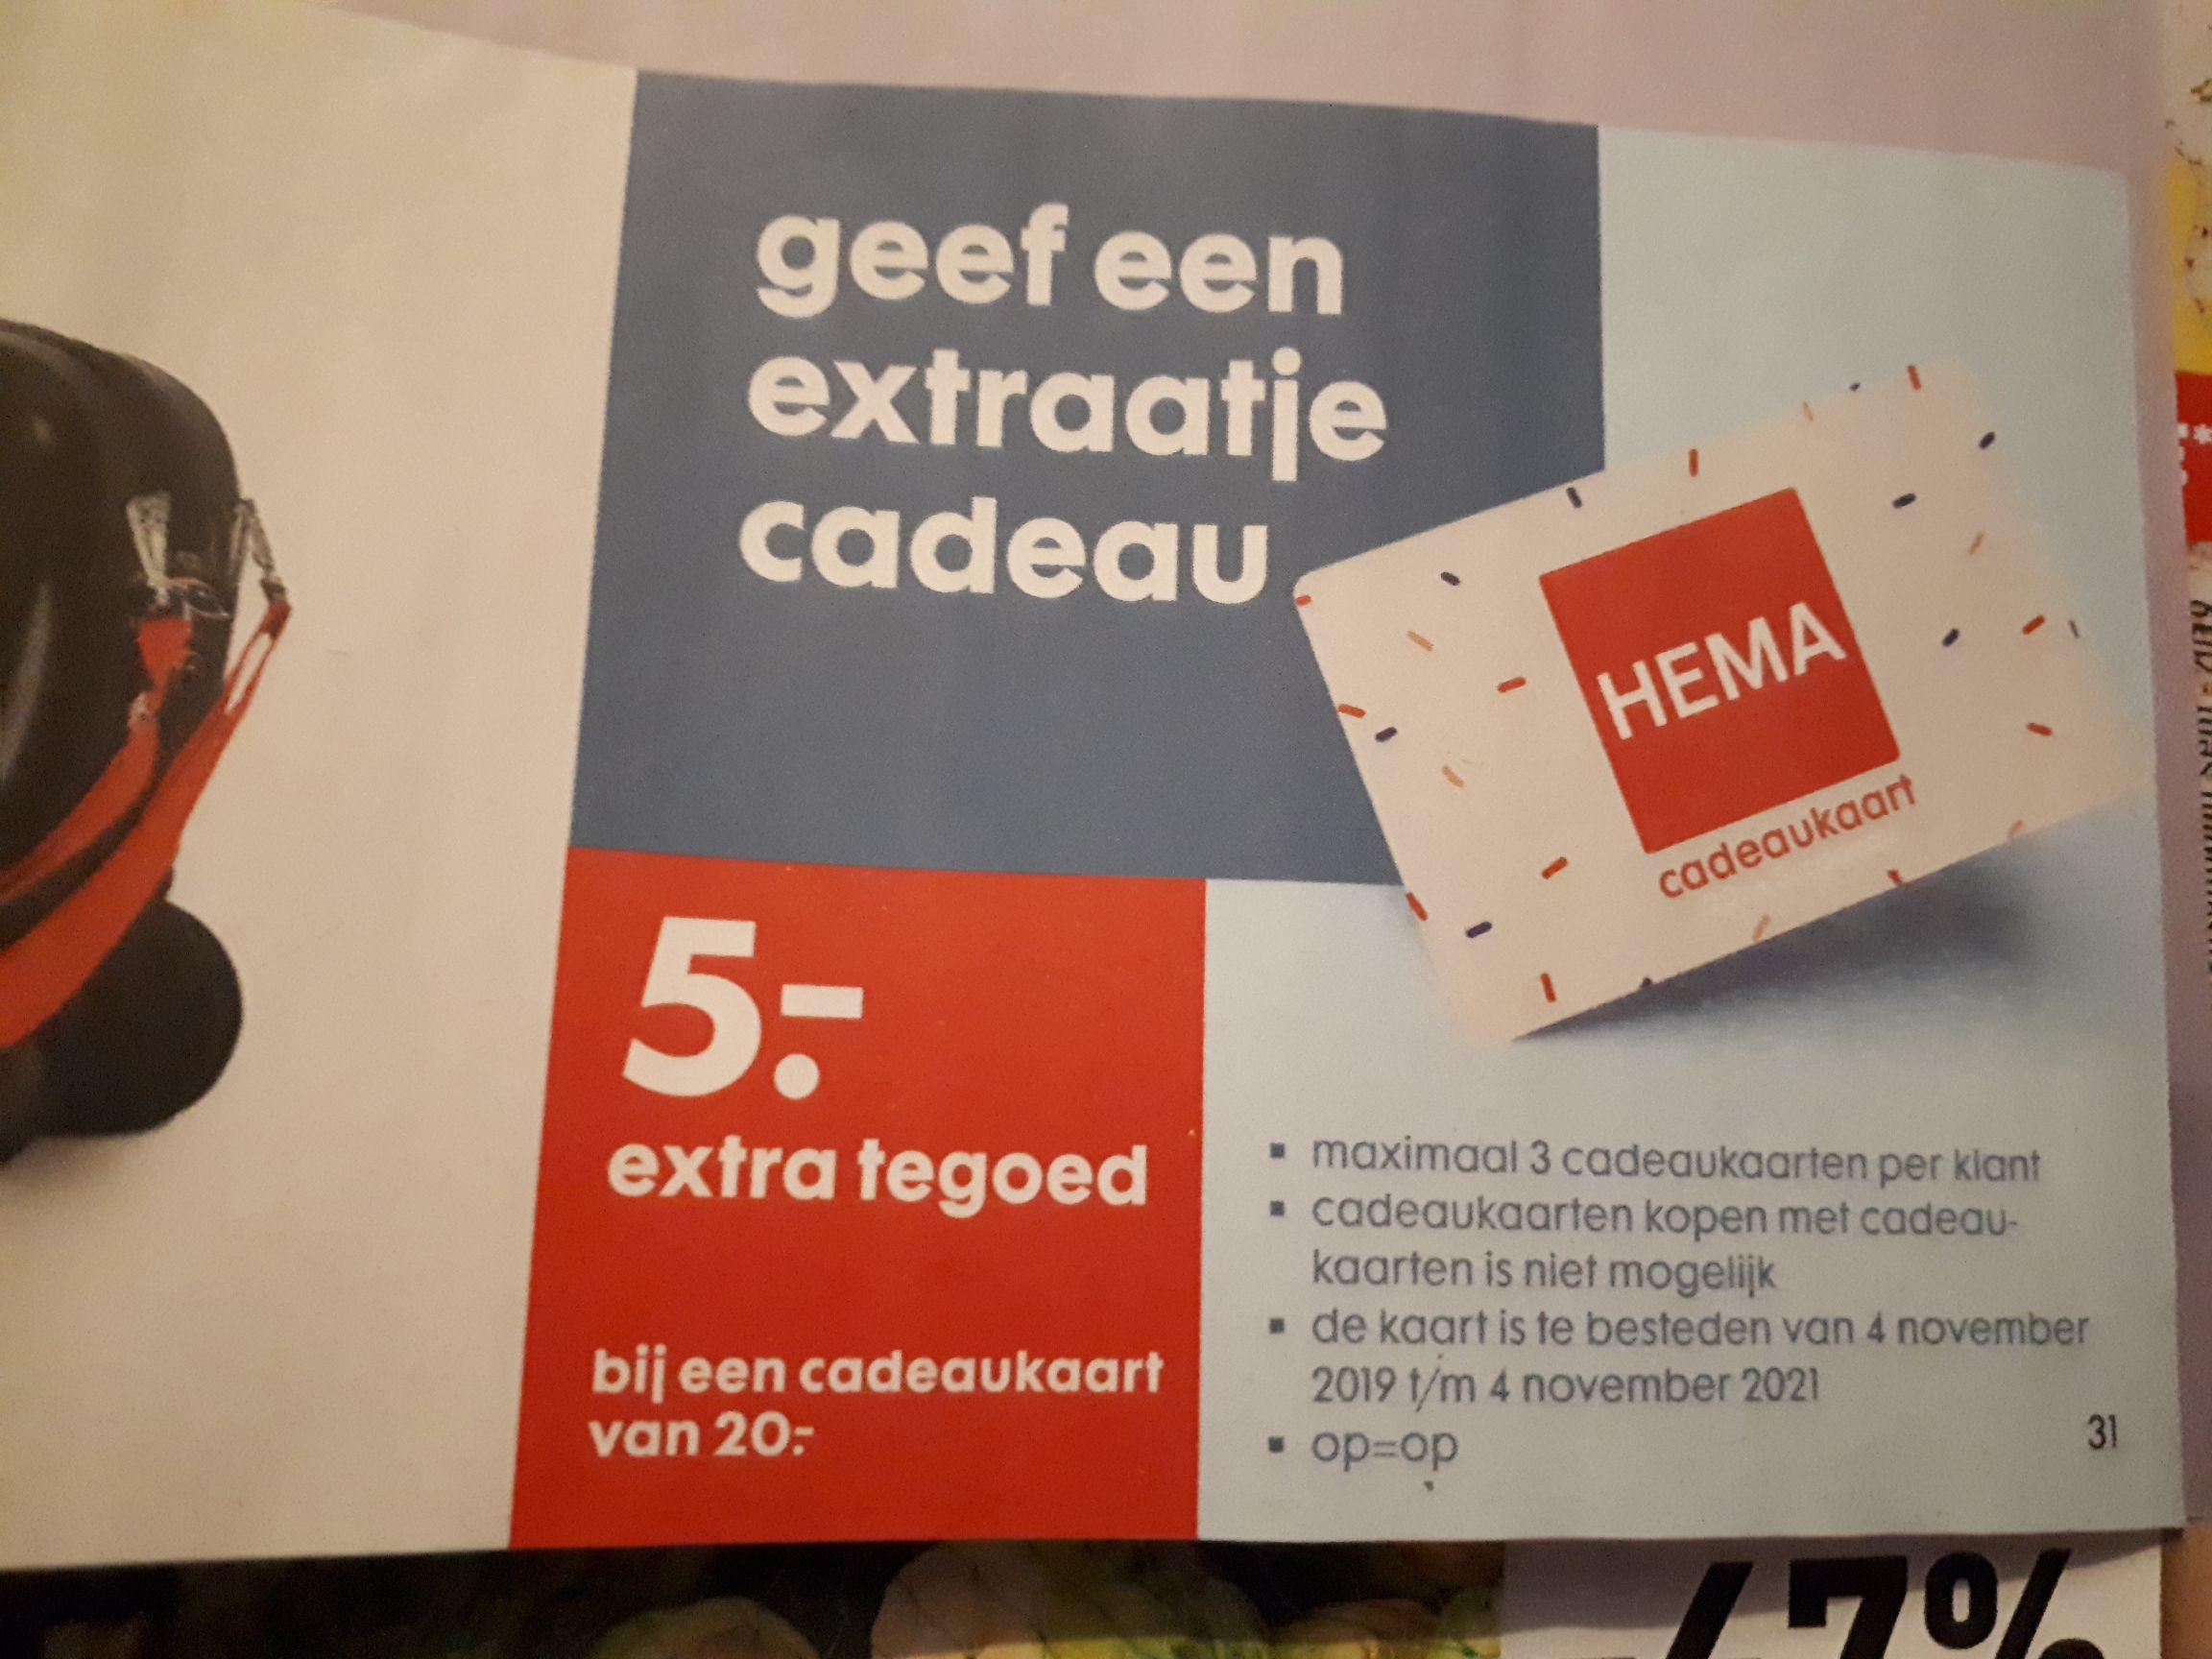 5euro extra tegoed bij een Hema cadeaukaart van 20euro